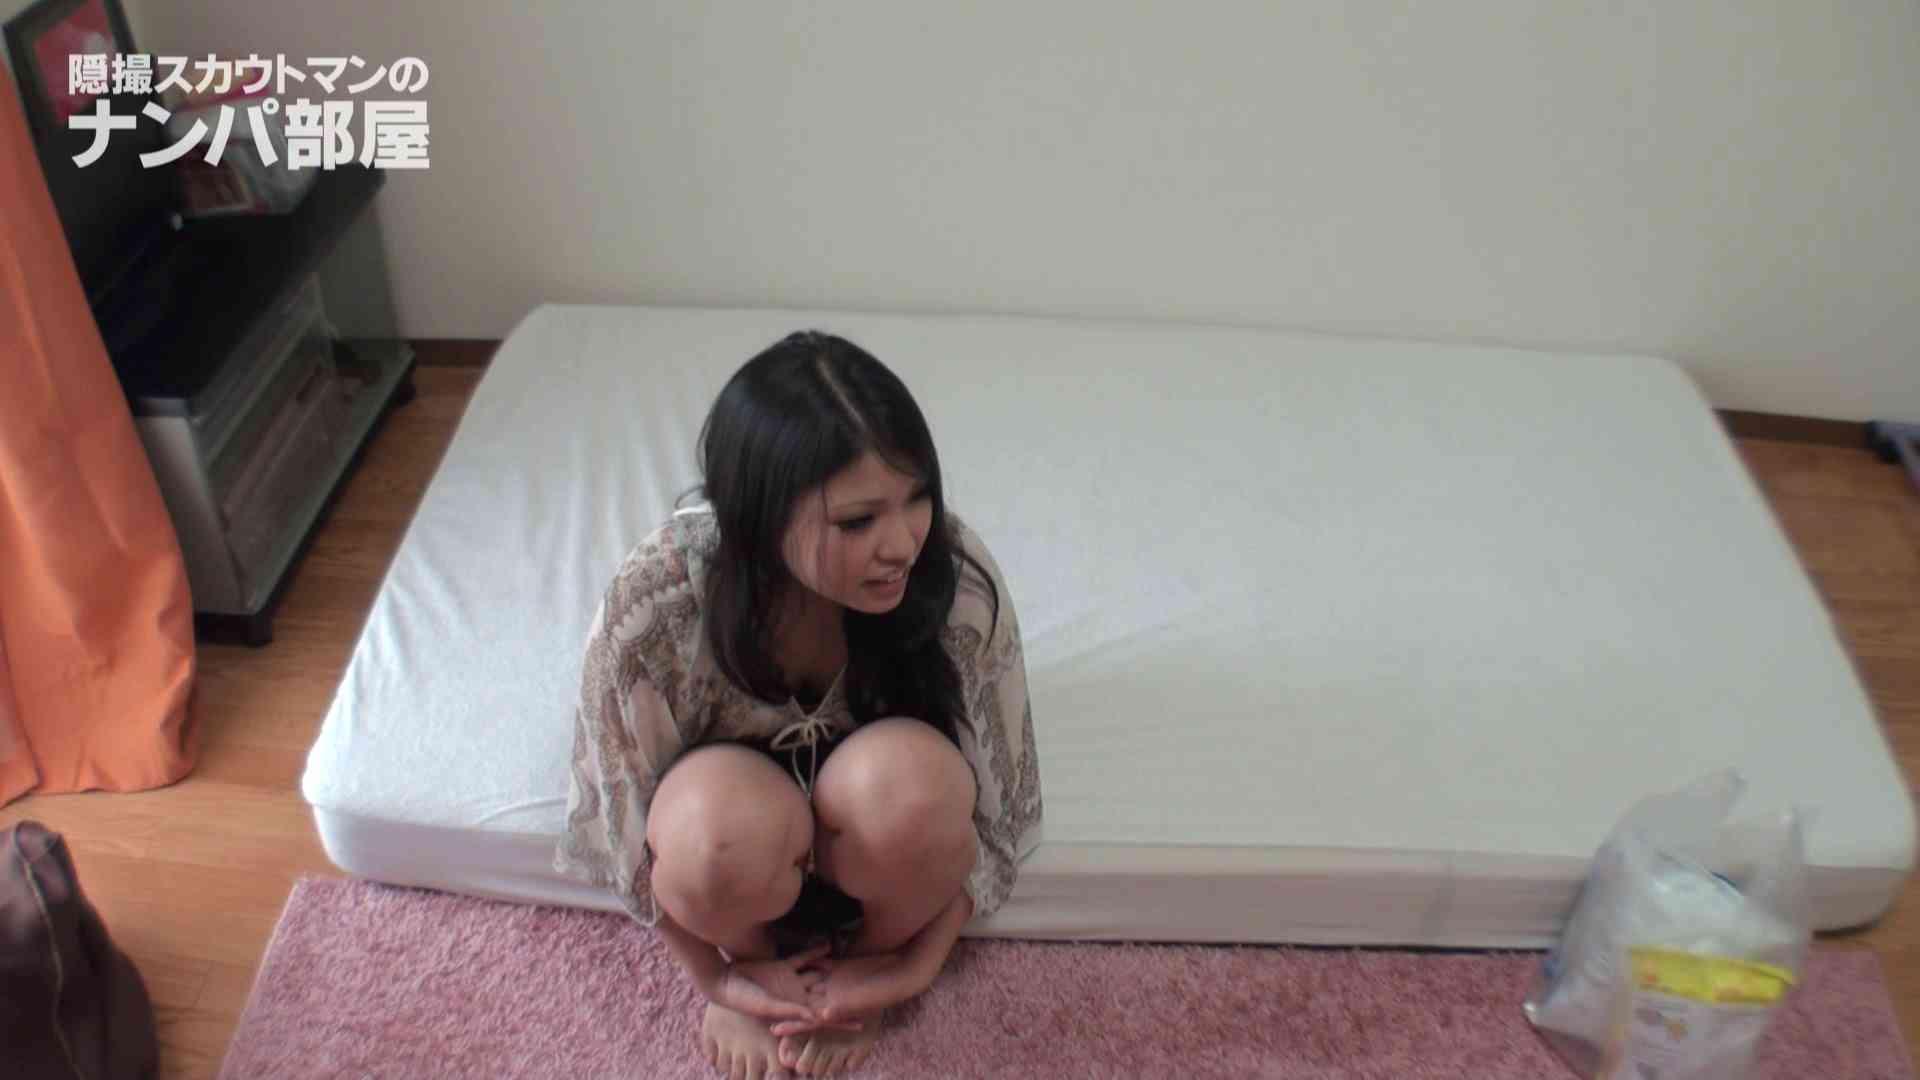 隠撮スカウトマンのナンパ部屋~風俗デビュー前のつまみ食い~hana 隠撮 エロ無料画像 95pic 5